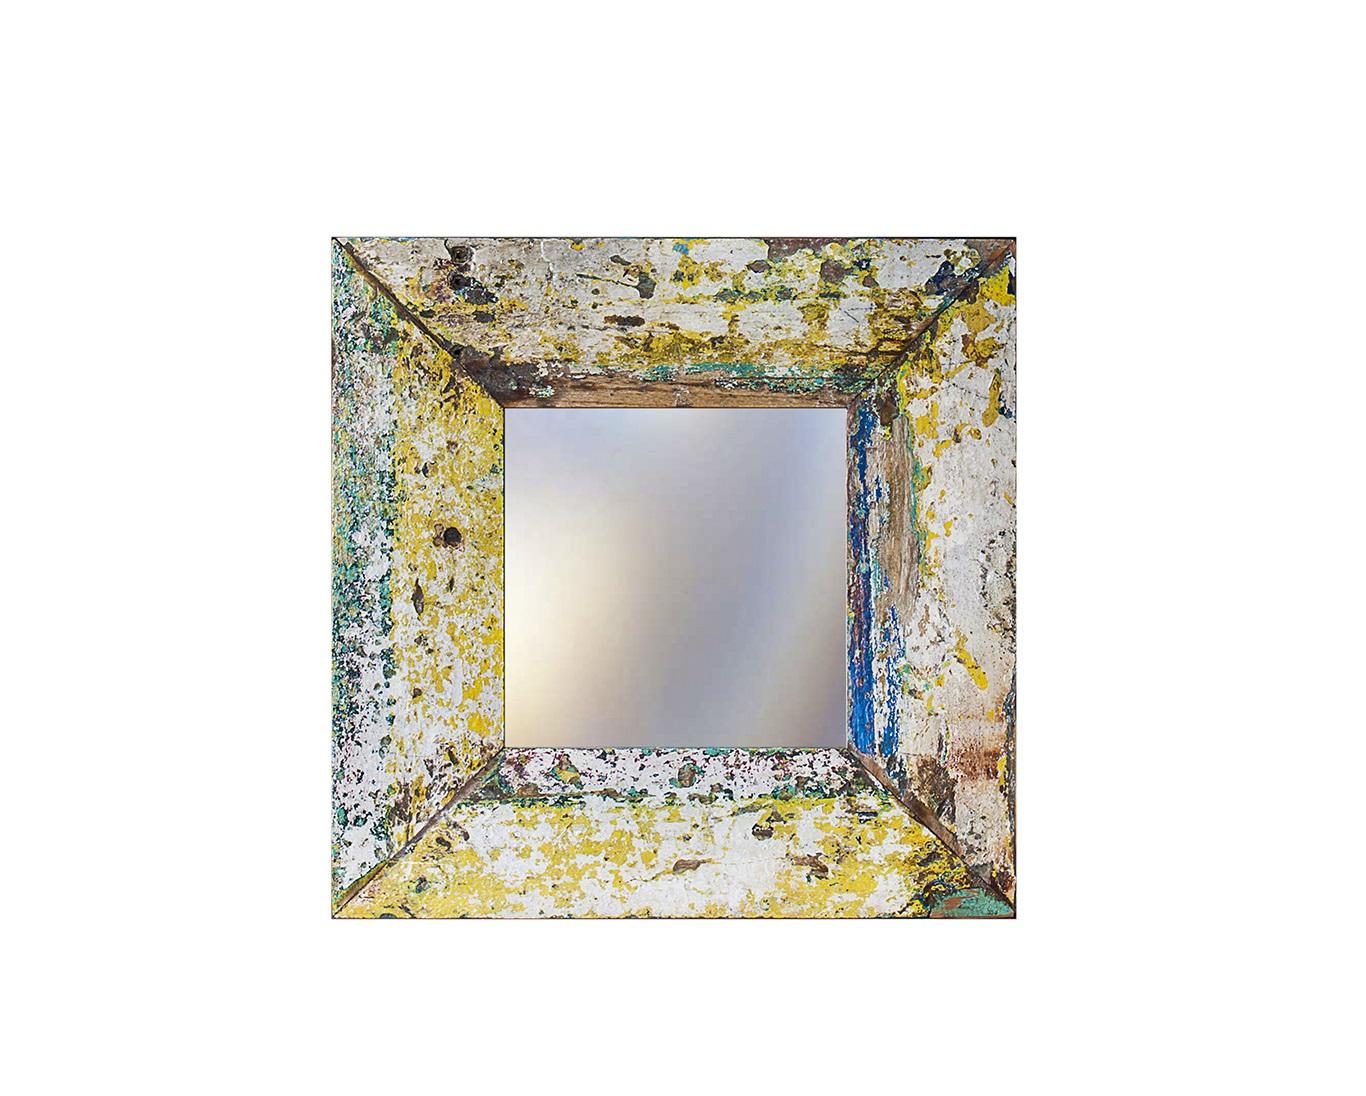 Зеркало Свет мой зеркальцеНастенные зеркала<br>Зеркало выполнено из фрагментов настоящего рыболовецкого судна, возраст которого 20-40 лет. Окрас сохранён оригинальный.<br><br>Material: Тик<br>Ширина см: 60<br>Высота см: 60<br>Глубина см: 3